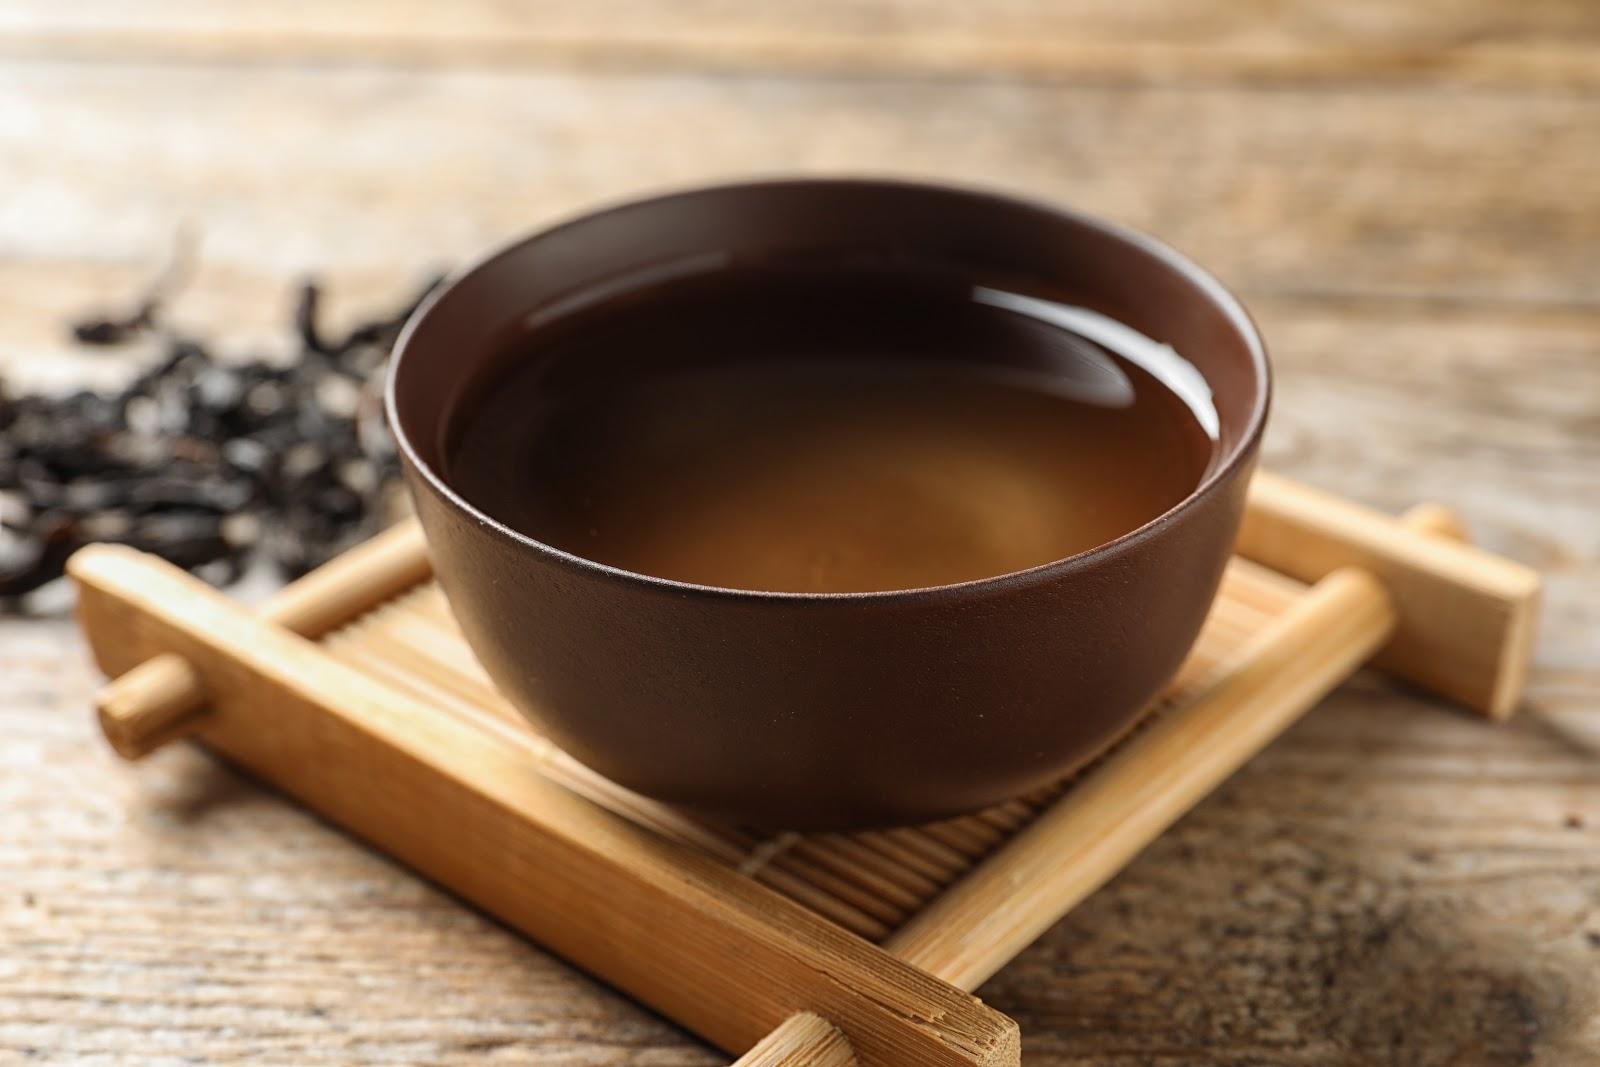 da hong pao tea brewed